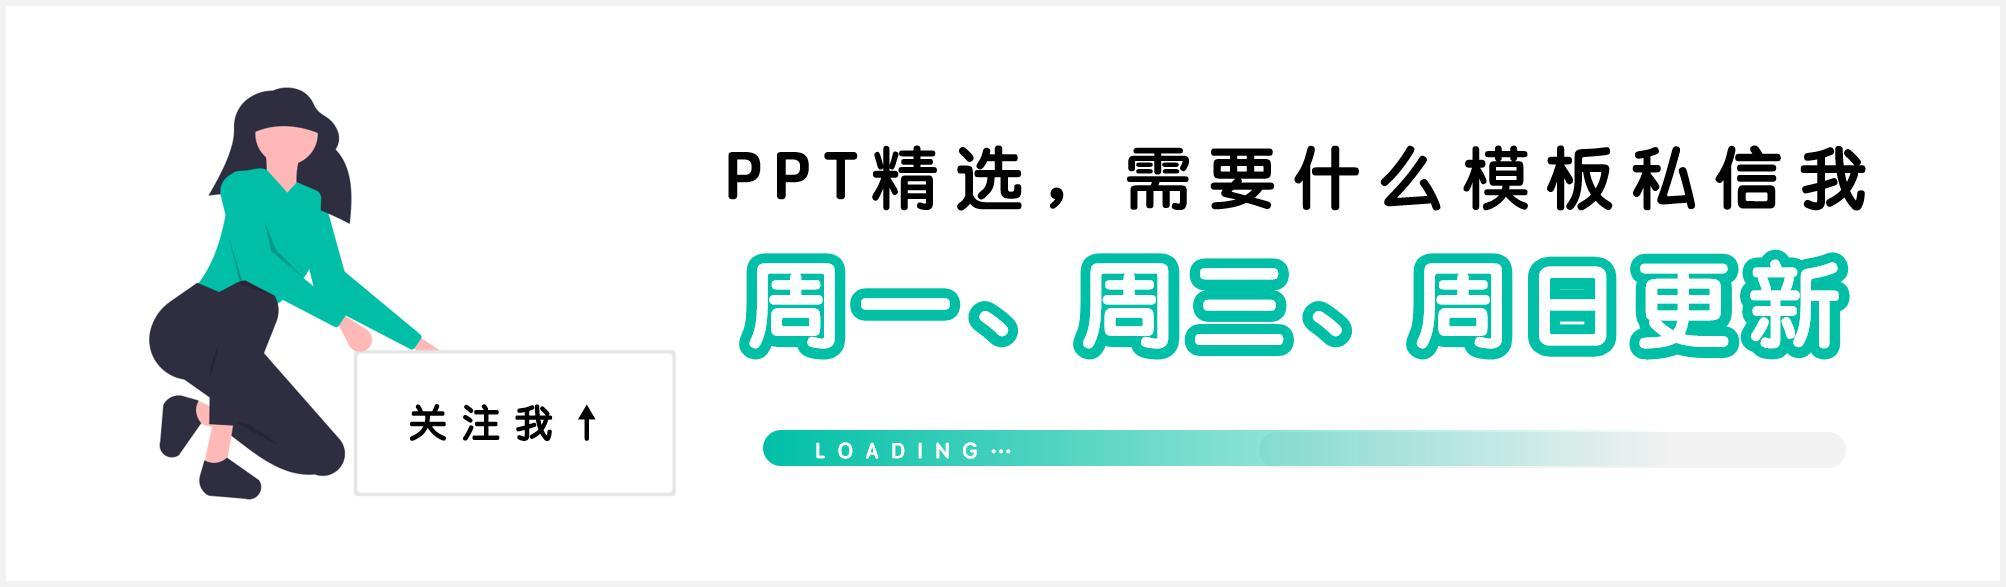 营销计划书,还在找?第1071期:简洁大方商业计划书PPT模板